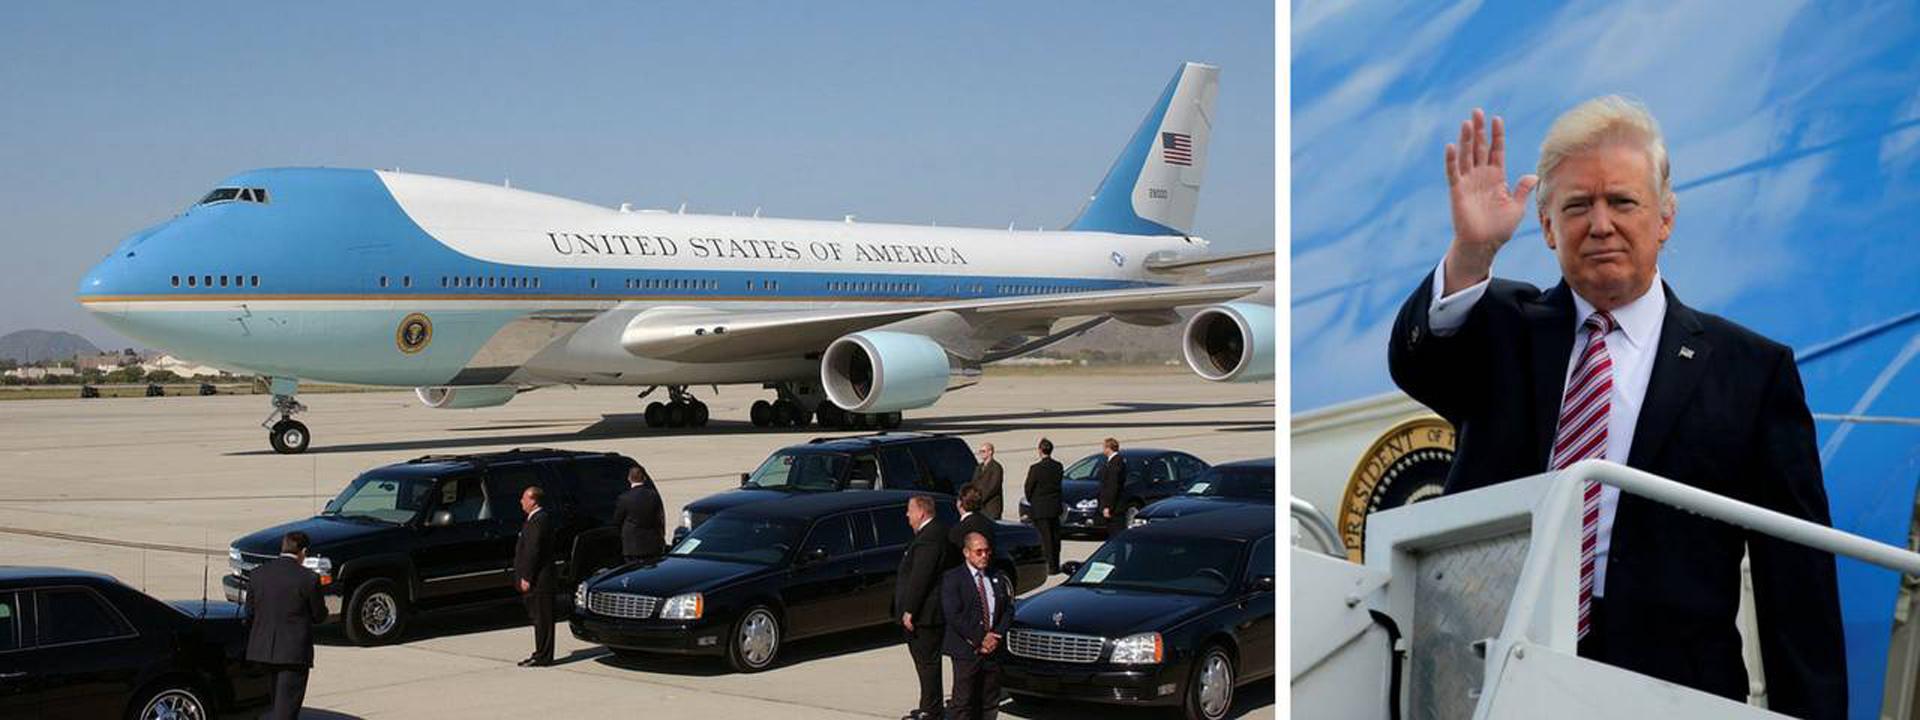 El Boeing 747 Air Force One de Donald Trump, presidente de los Estados Unidos